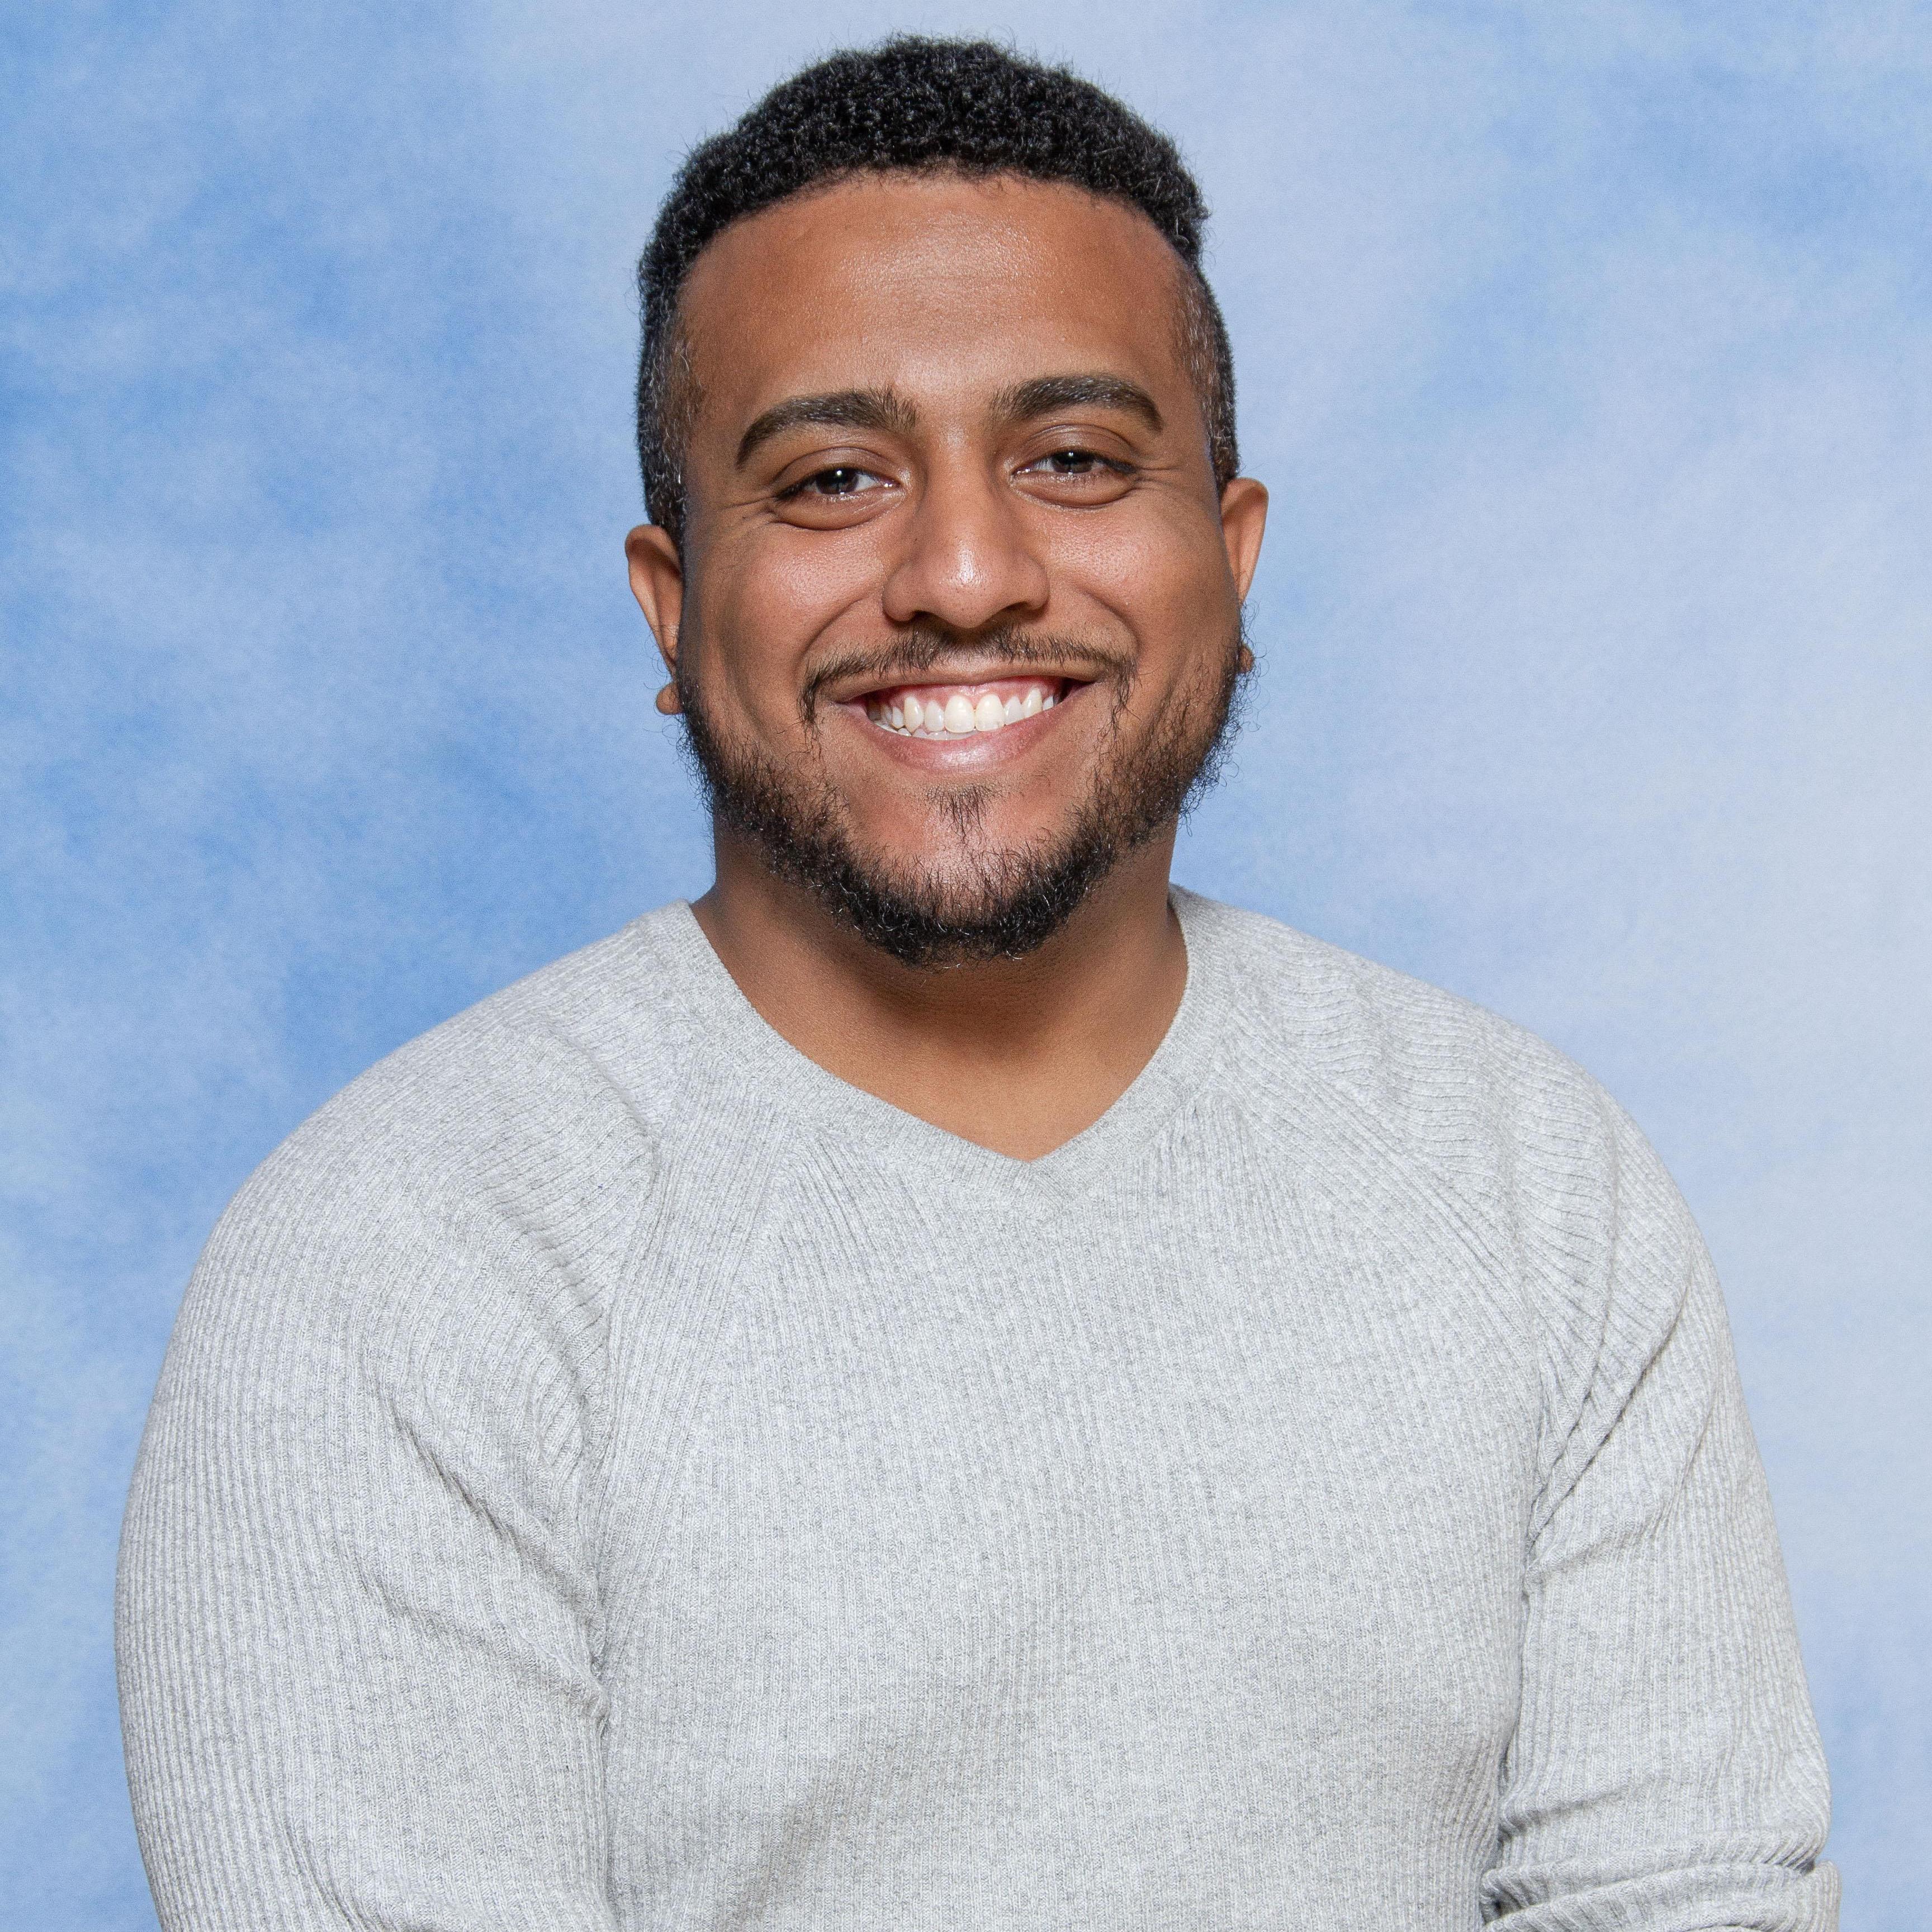 R. Checo's Profile Photo